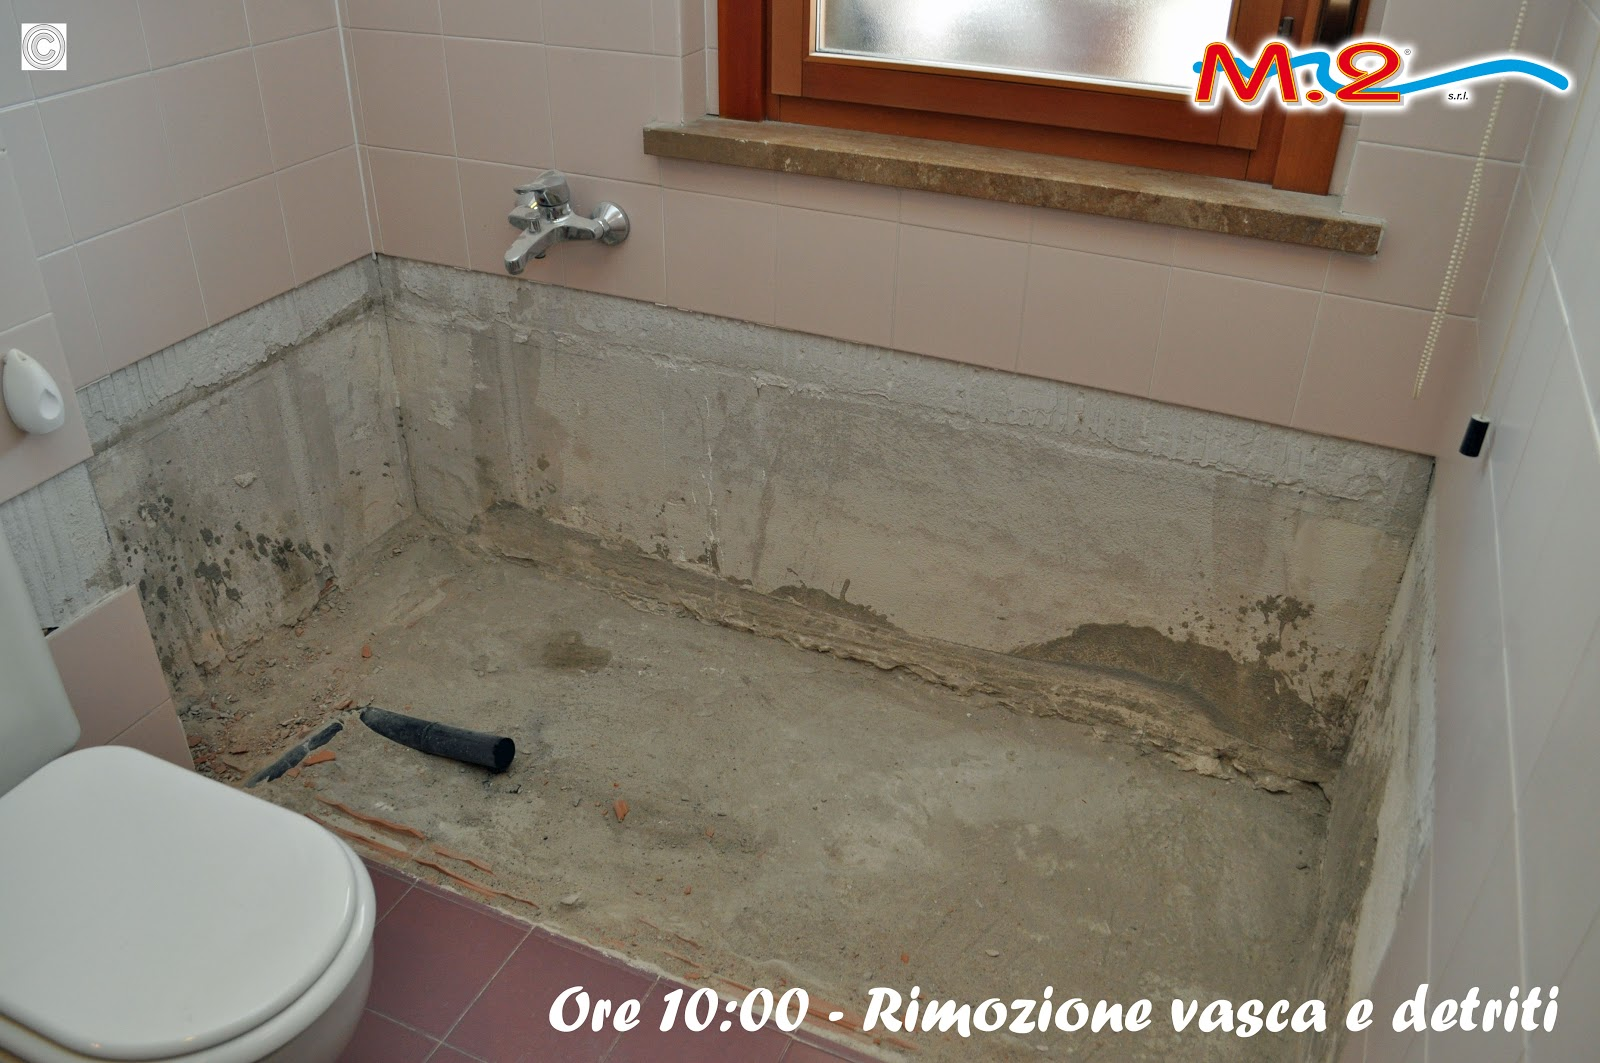 Sostituzione vasca da bagno in 3 muri con piatto doccia e anta di cristallo m 2 trasformazione - Come sostituire una vasca da bagno ...